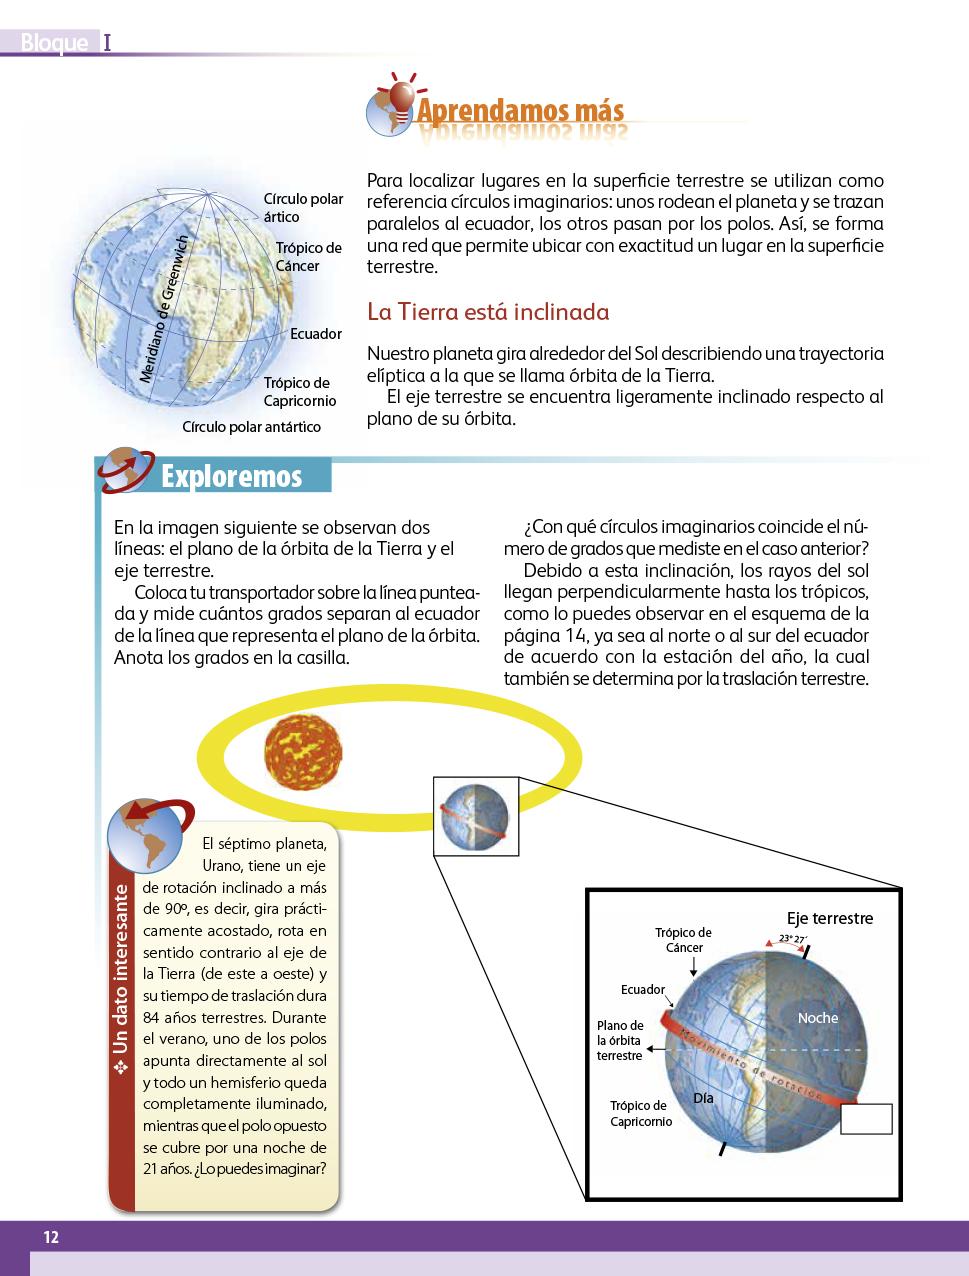 Geografía quinto grado 2017-2018 - Página 12 - Libros de ...